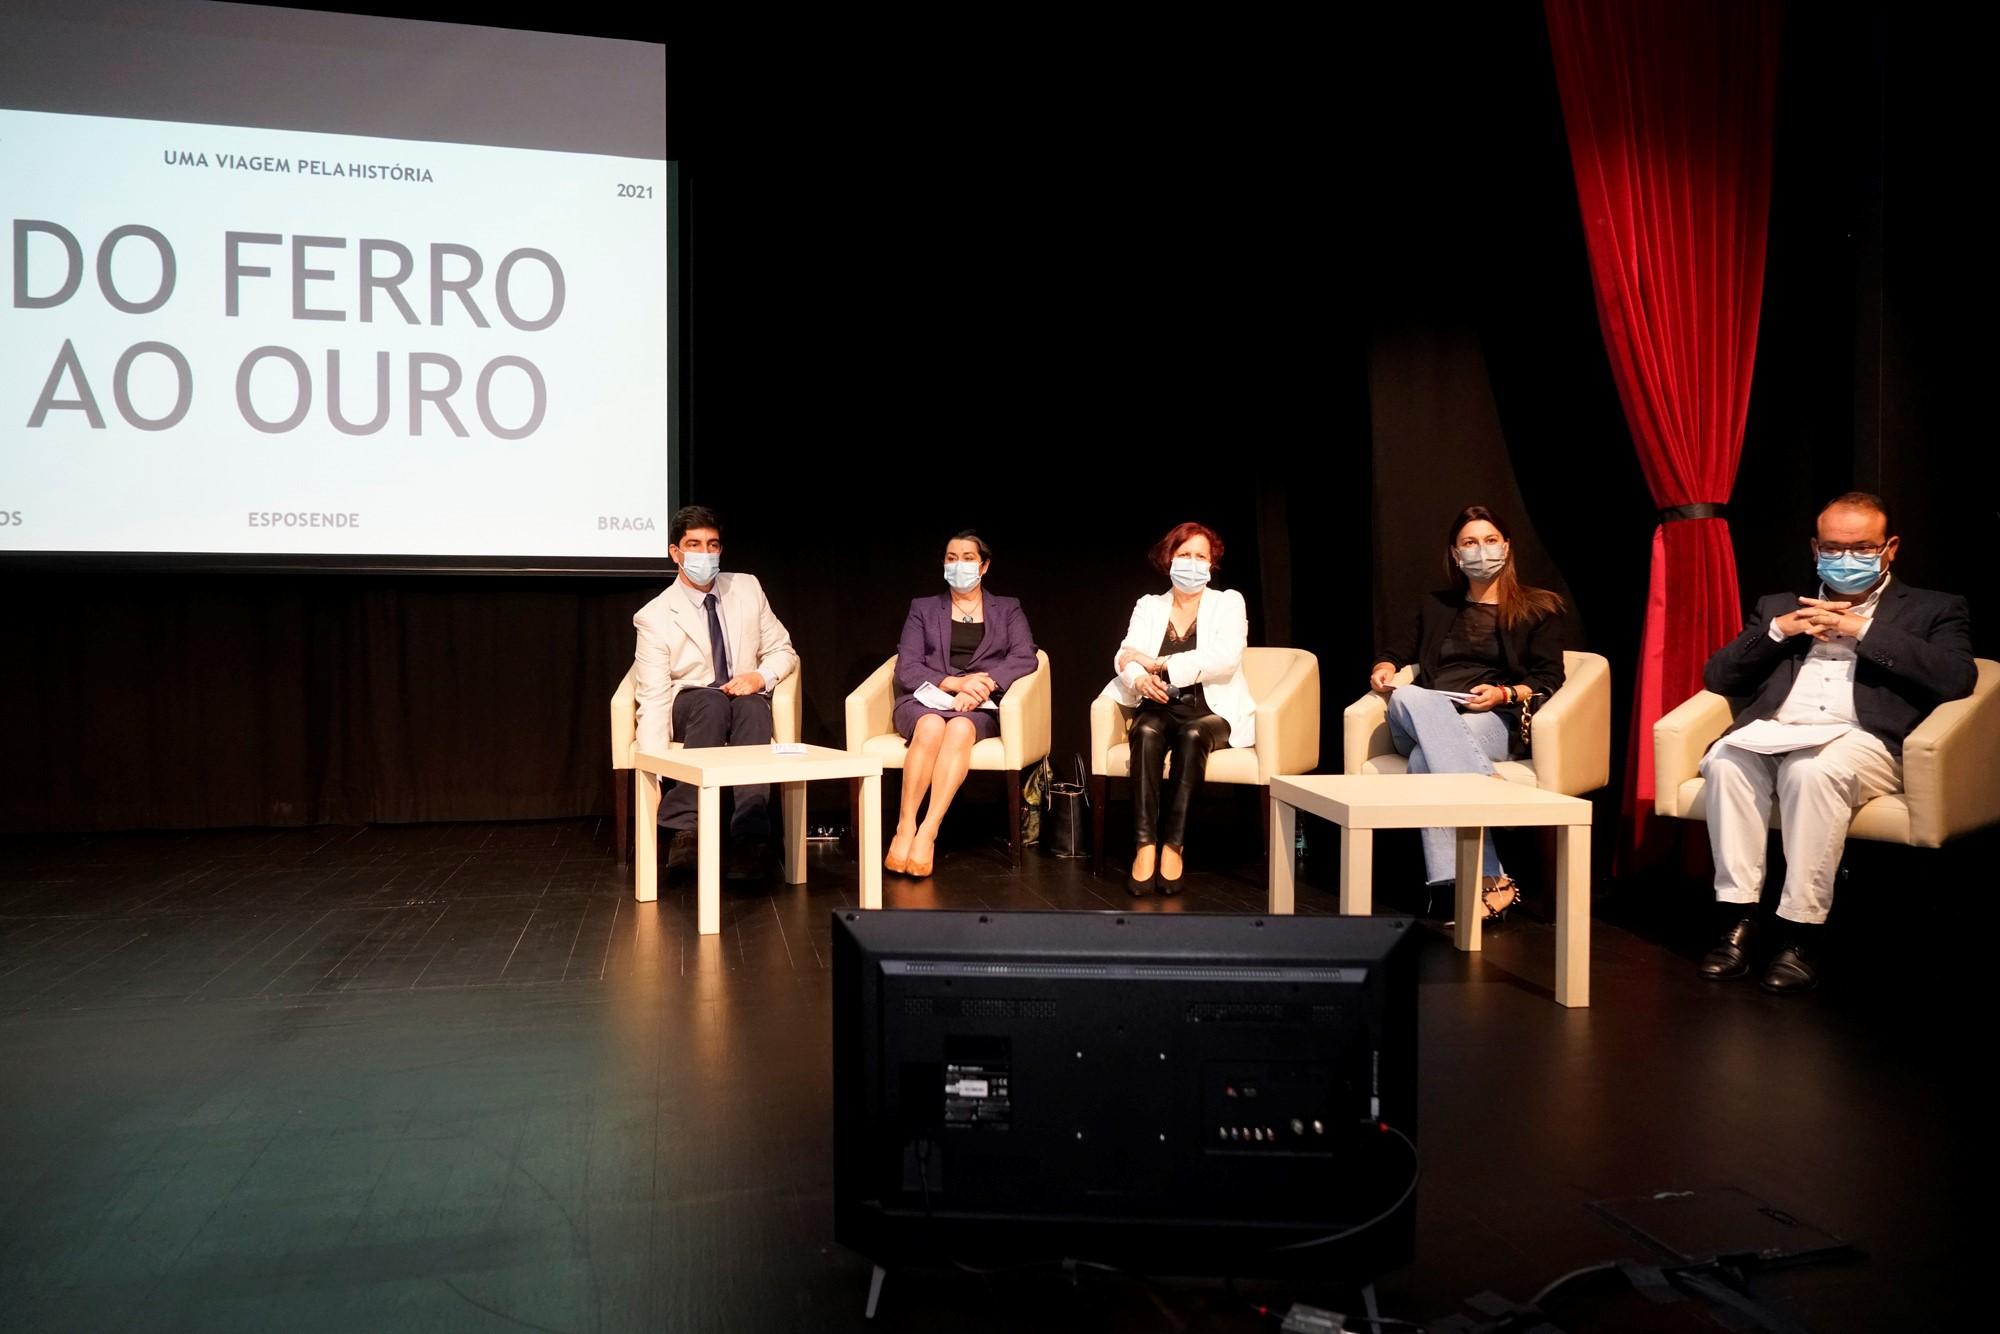 Viagem 'Do Ferro ao Ouro' oferece mais de 139 espectáculos em Esposende, Barcelos e Braga